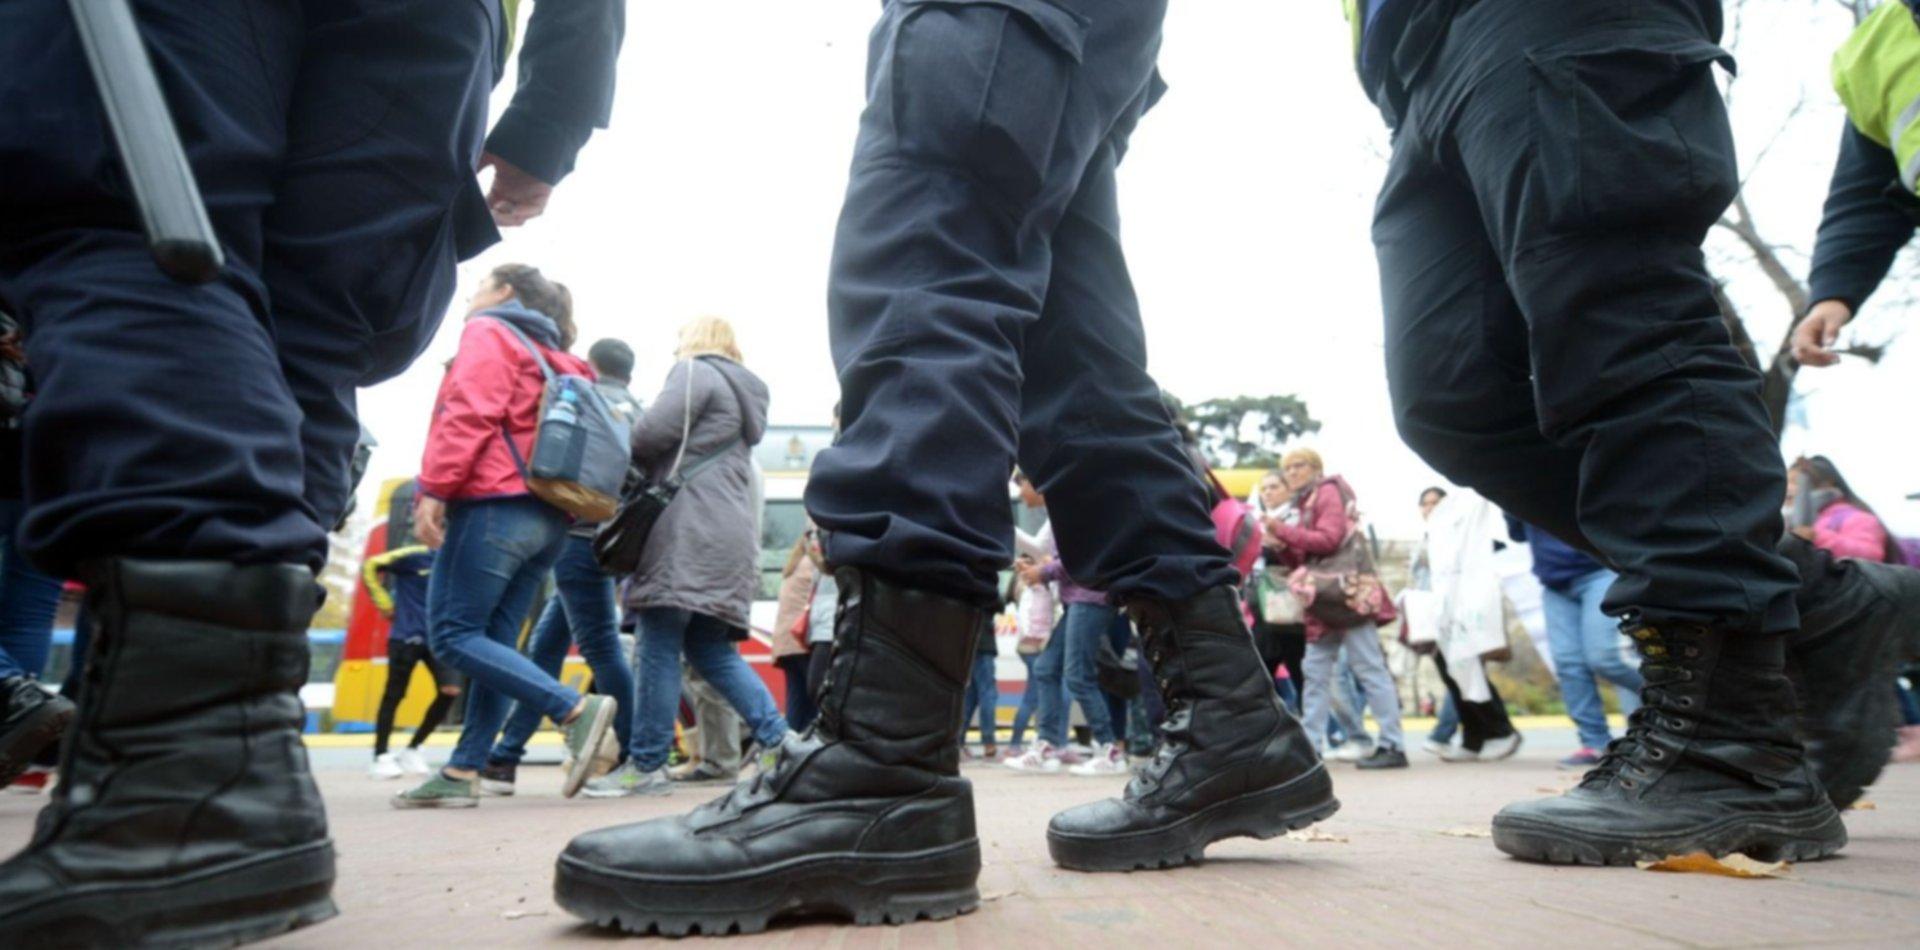 Operativo, tensión y protesta: sigue el conflicto por la venta ambulante en la ciudad